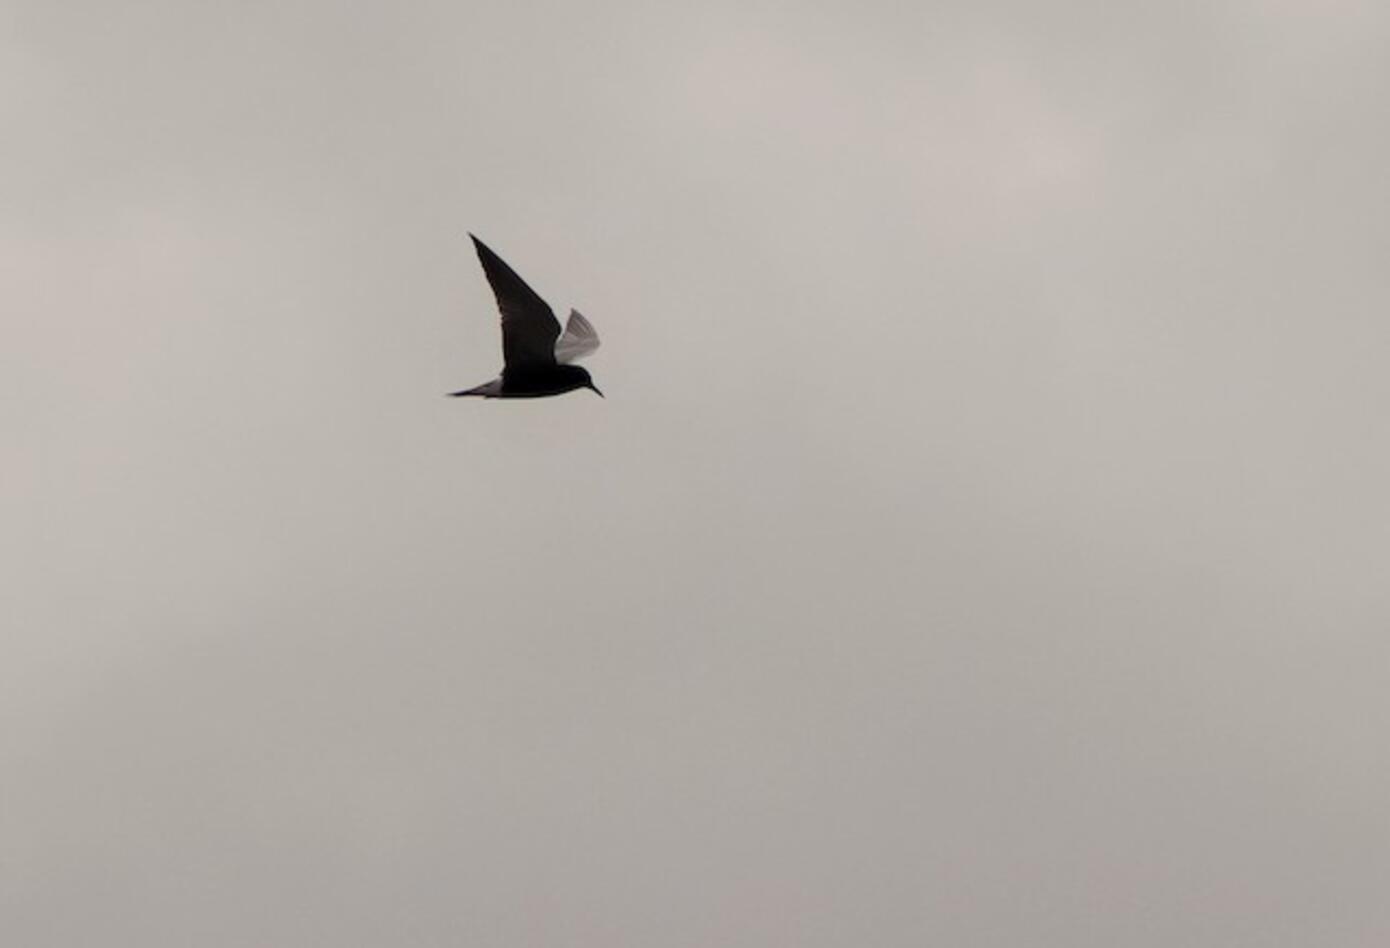 Avistamiento de aves.